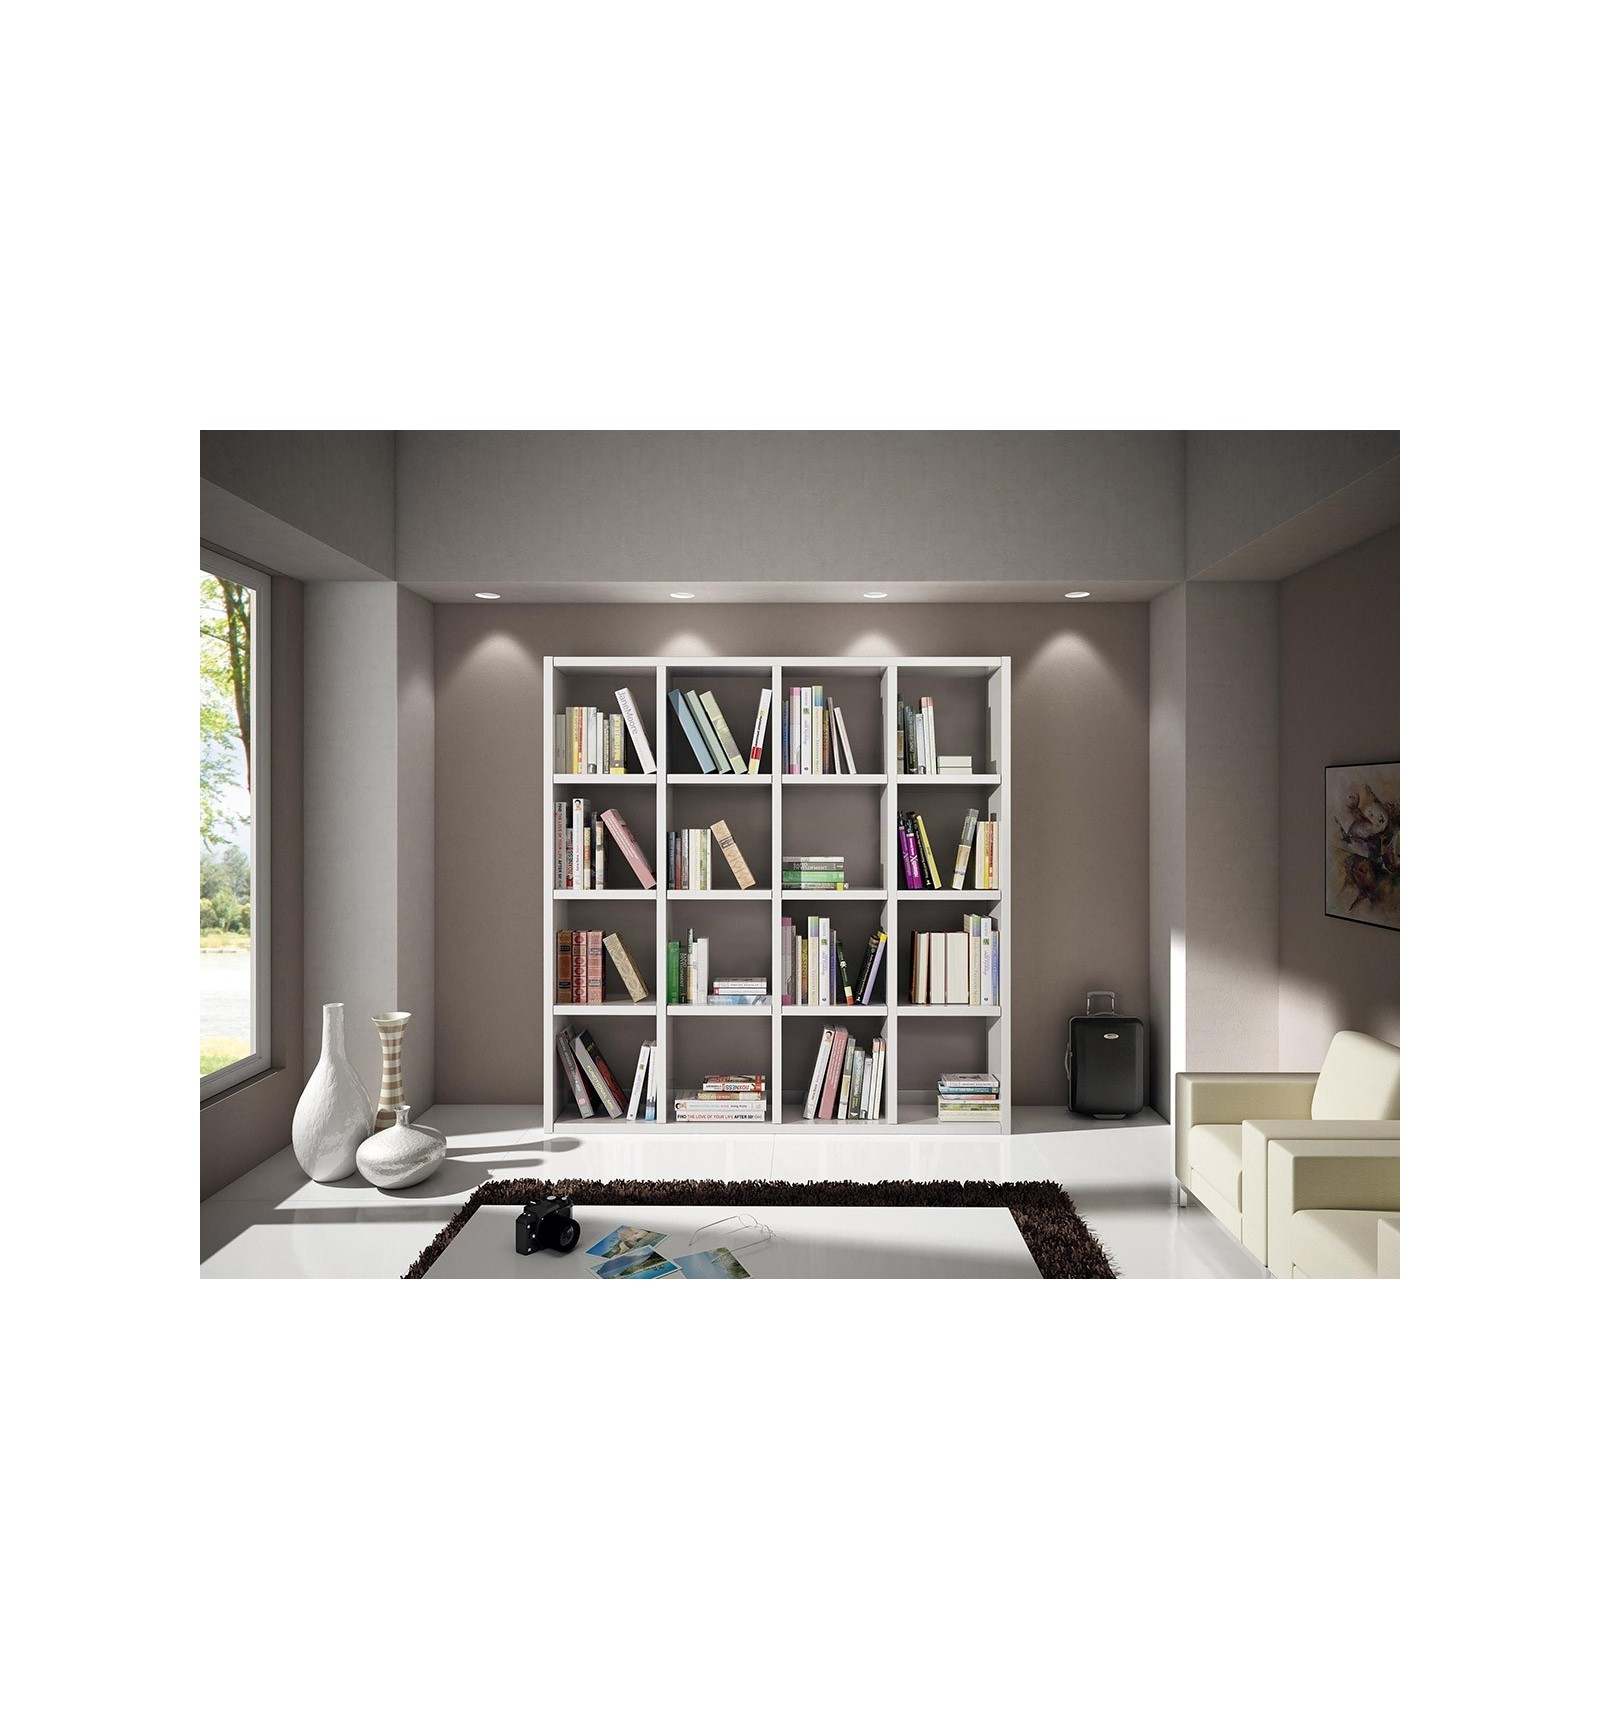 librerie udine - 28 images - emejing libreria moderna udine images ...